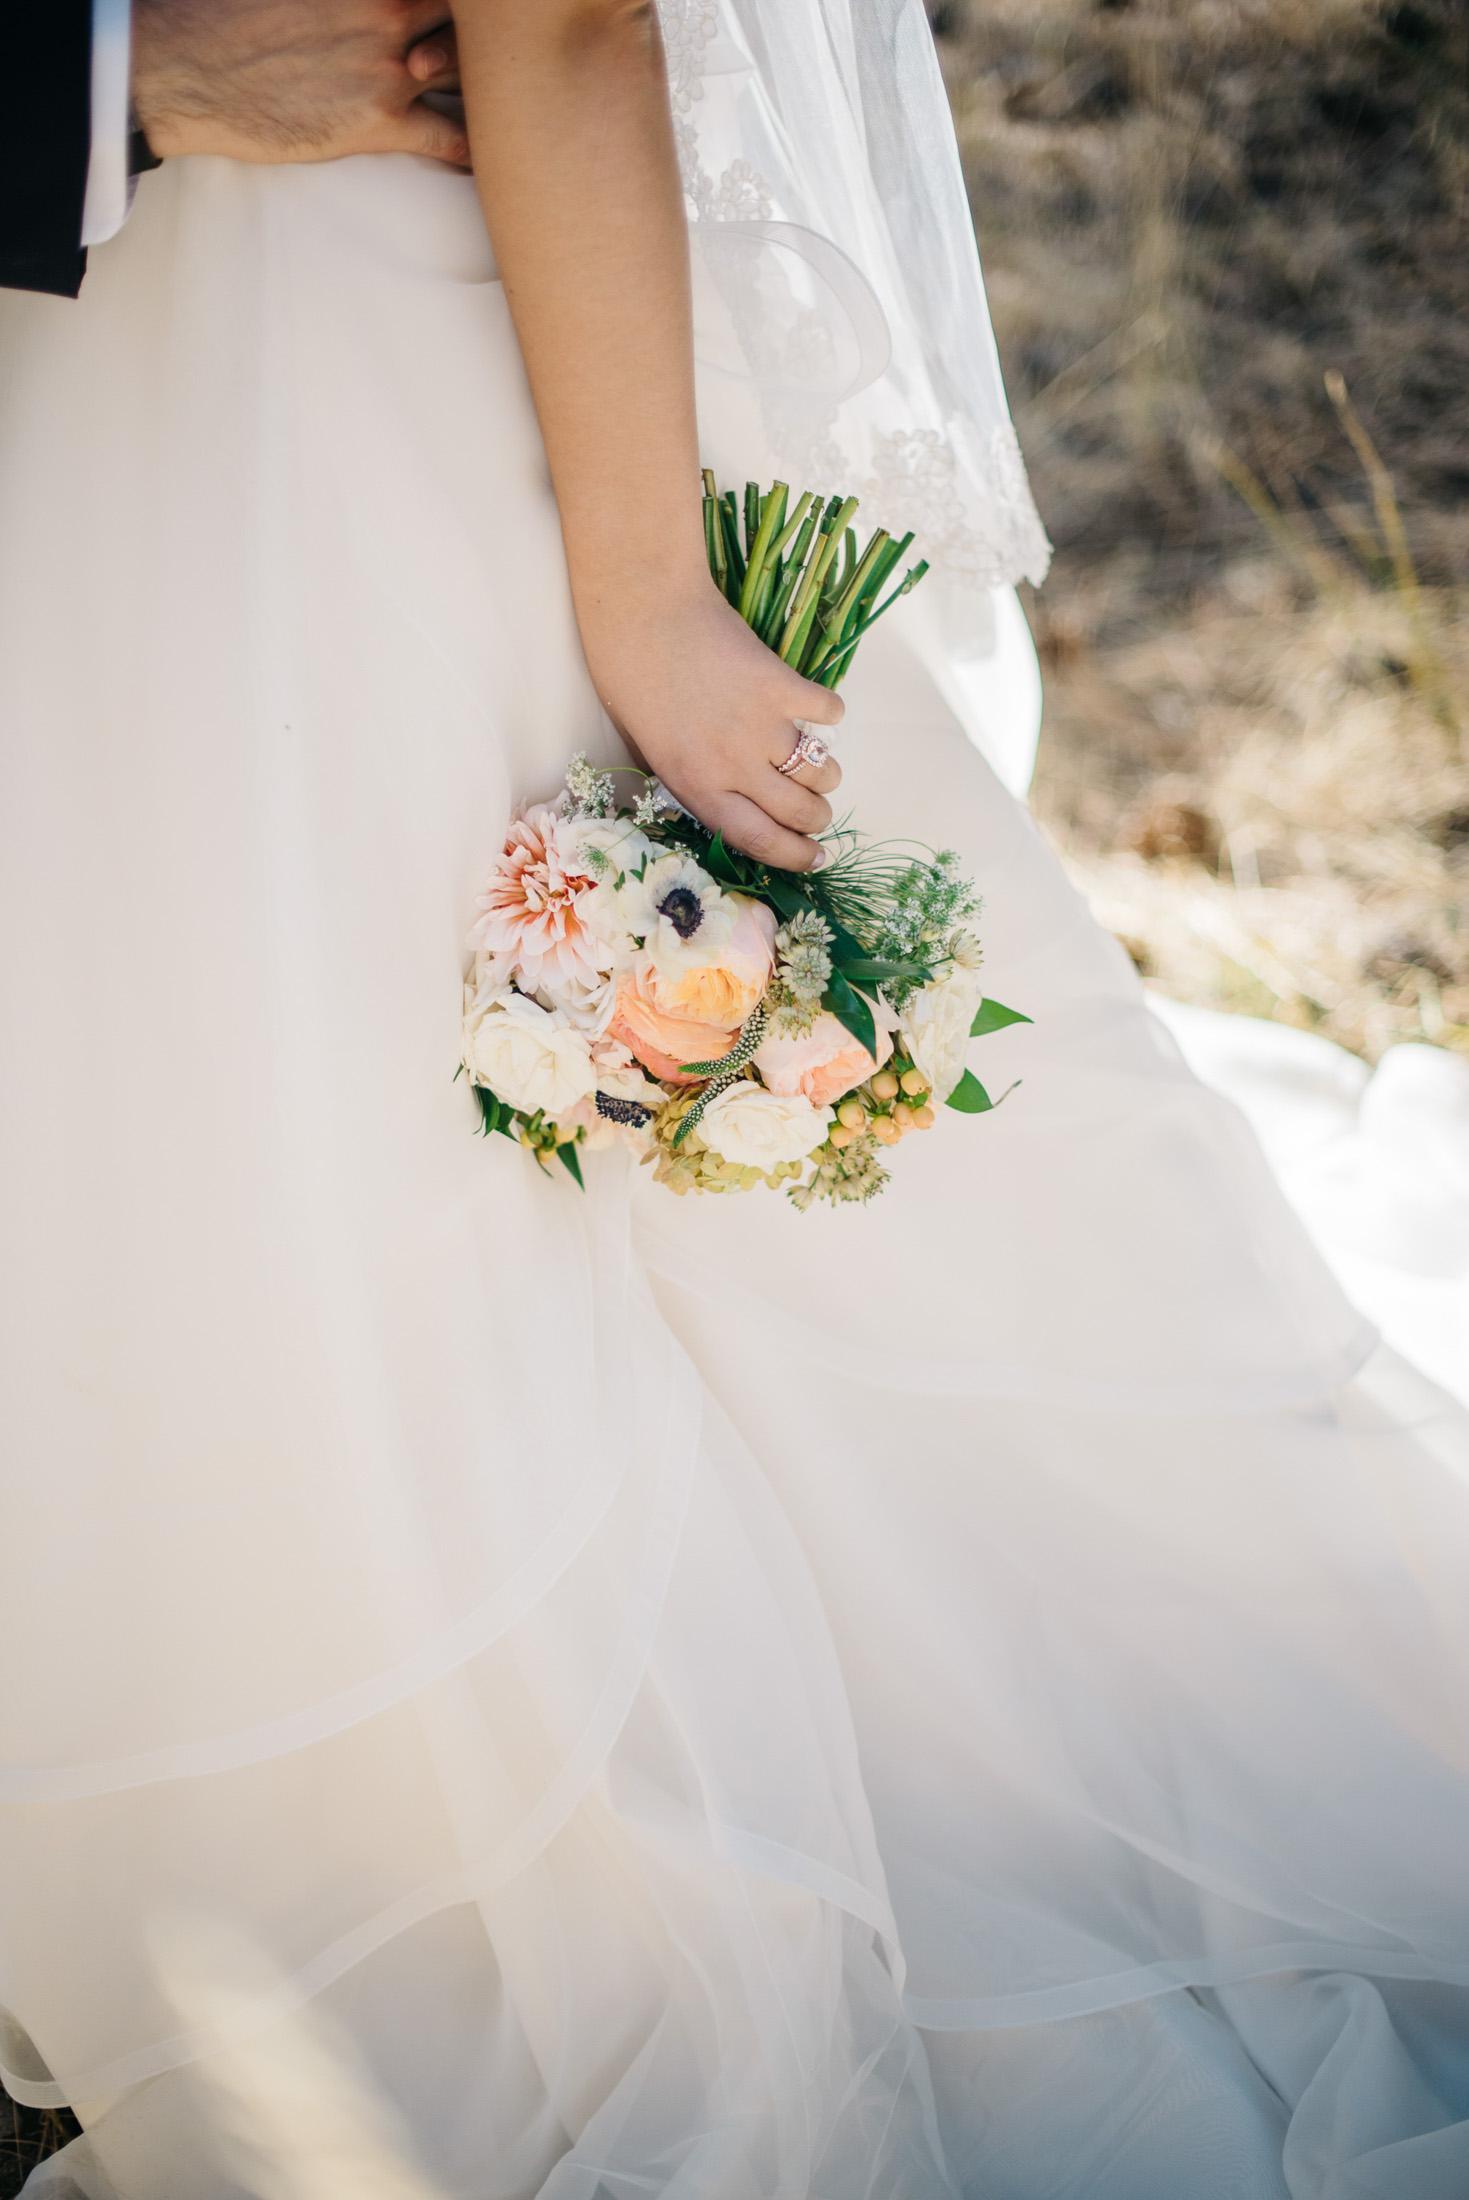 156elopement-photographer-colorado-Amanda&Sam-Denver_wedding-2251.jpg